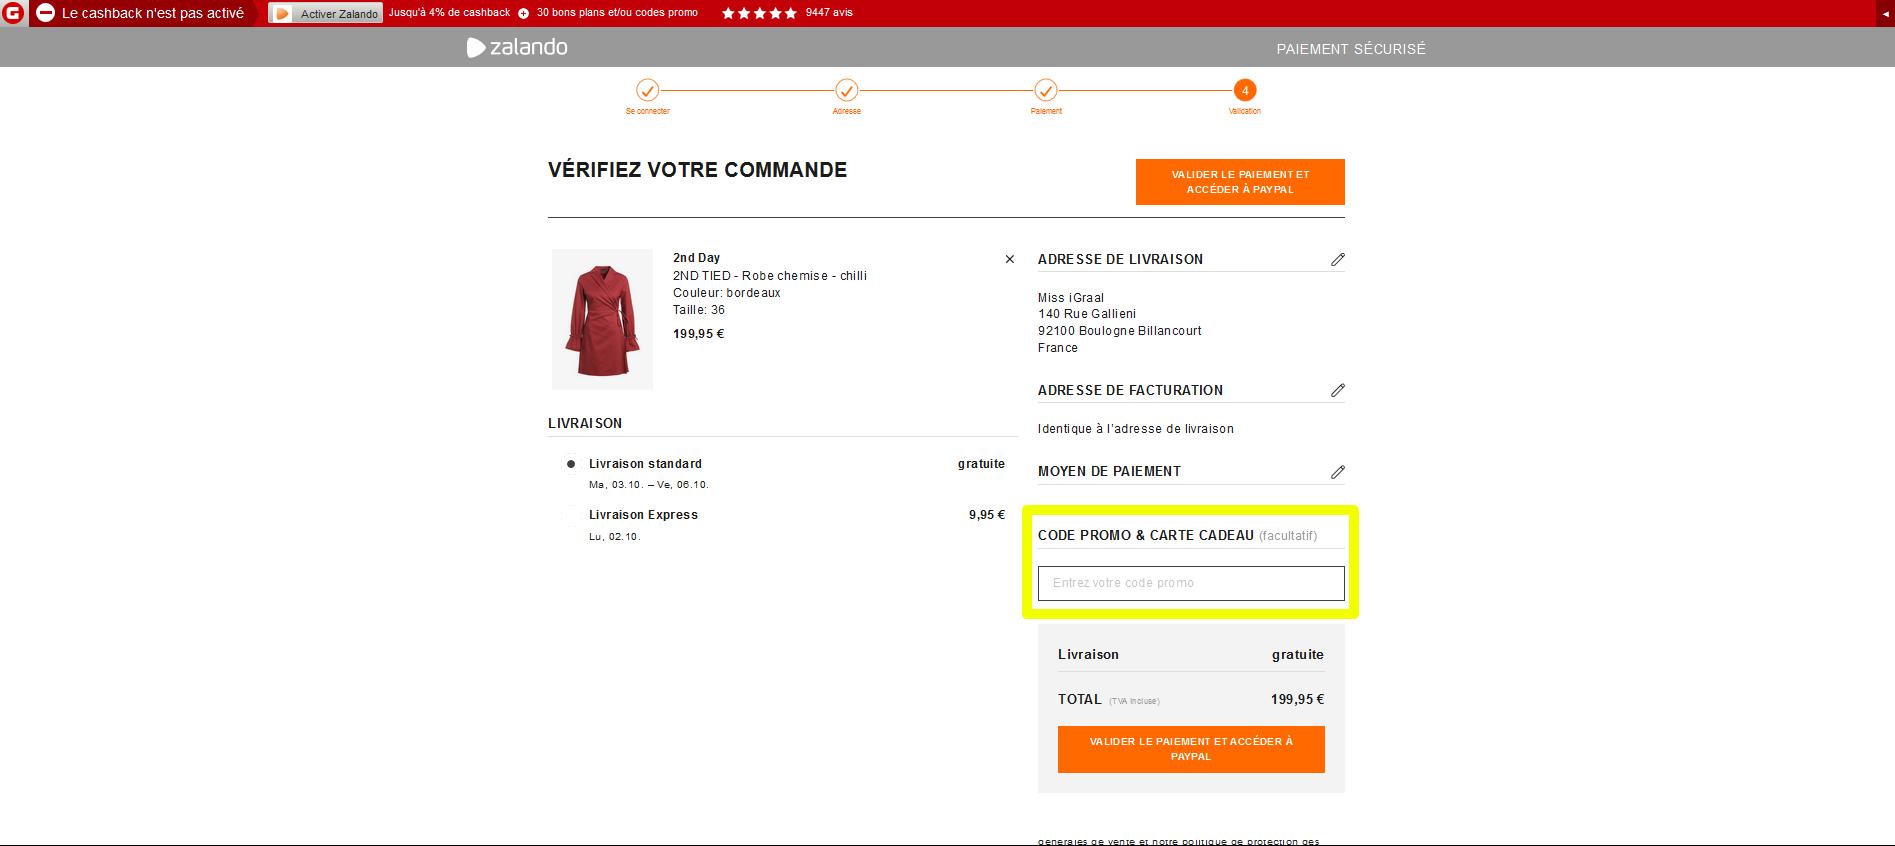 2020] Code promo zalando novembre belgique (Risqué ?)